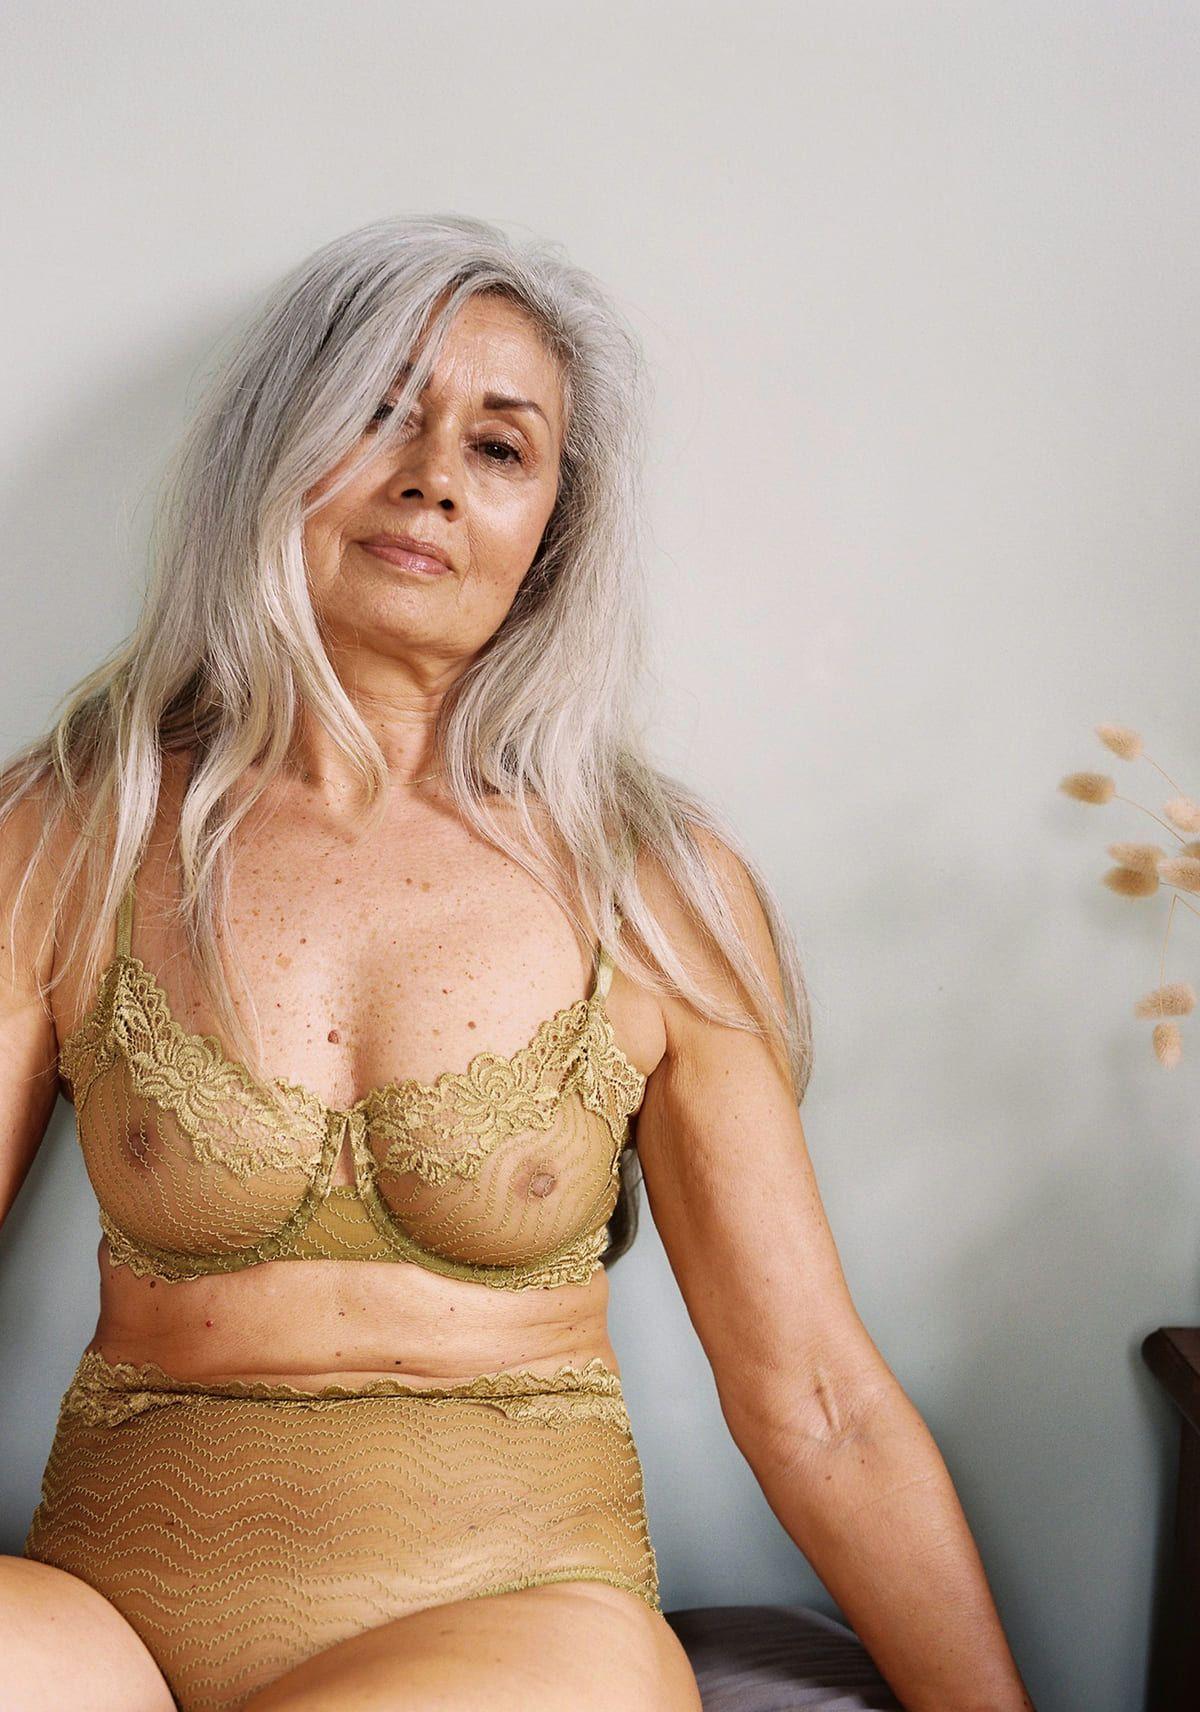 Mujer con lencería de Bonnie uw bra chartreuse